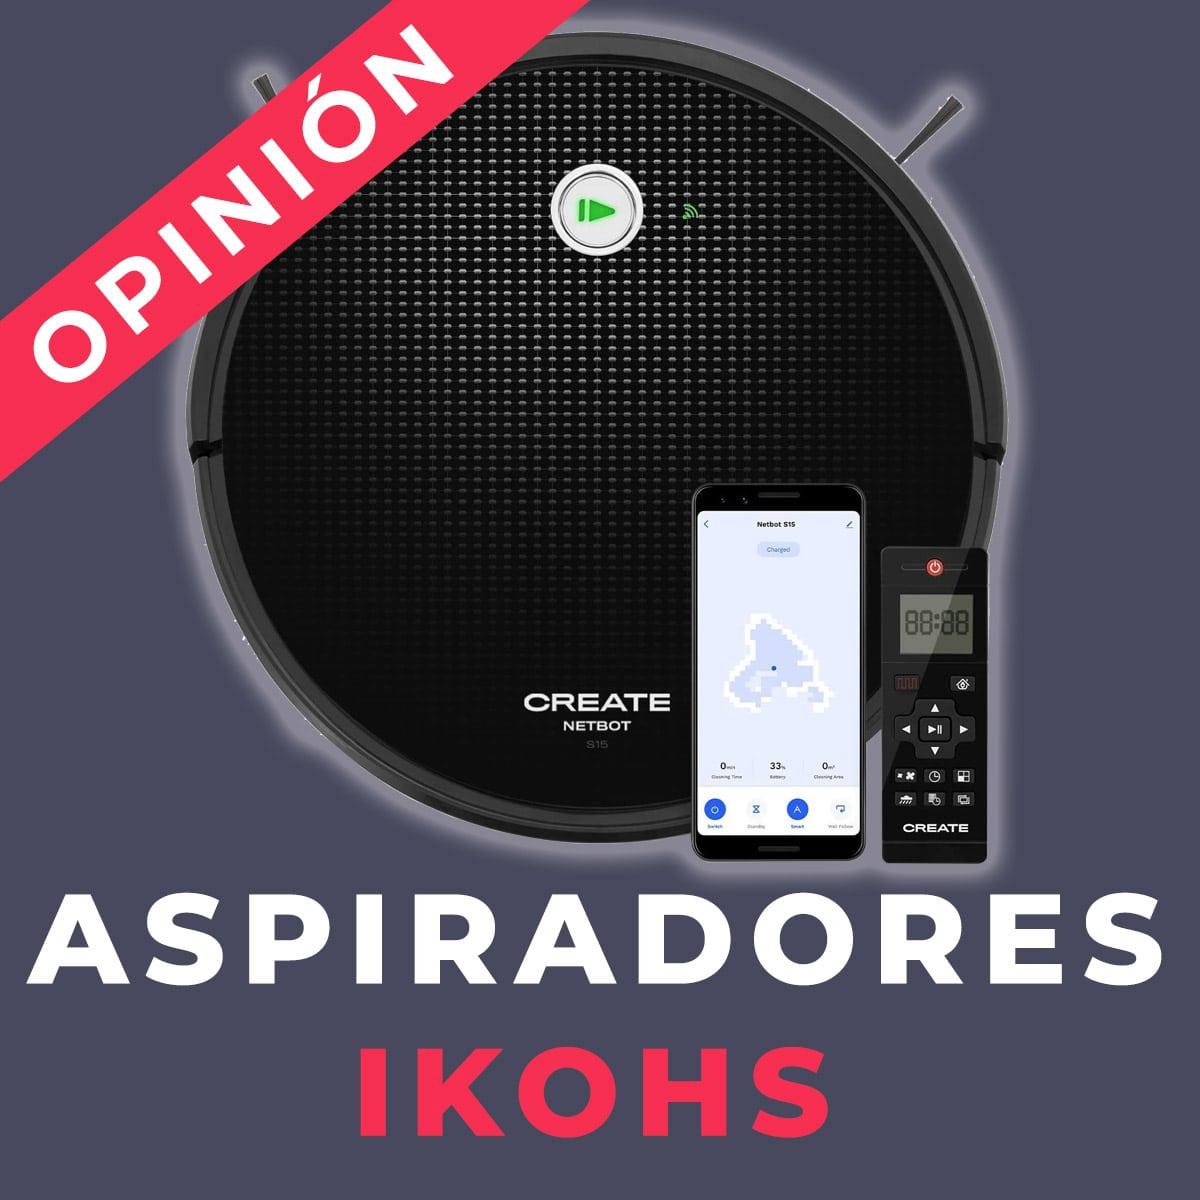 aspirador ikohs